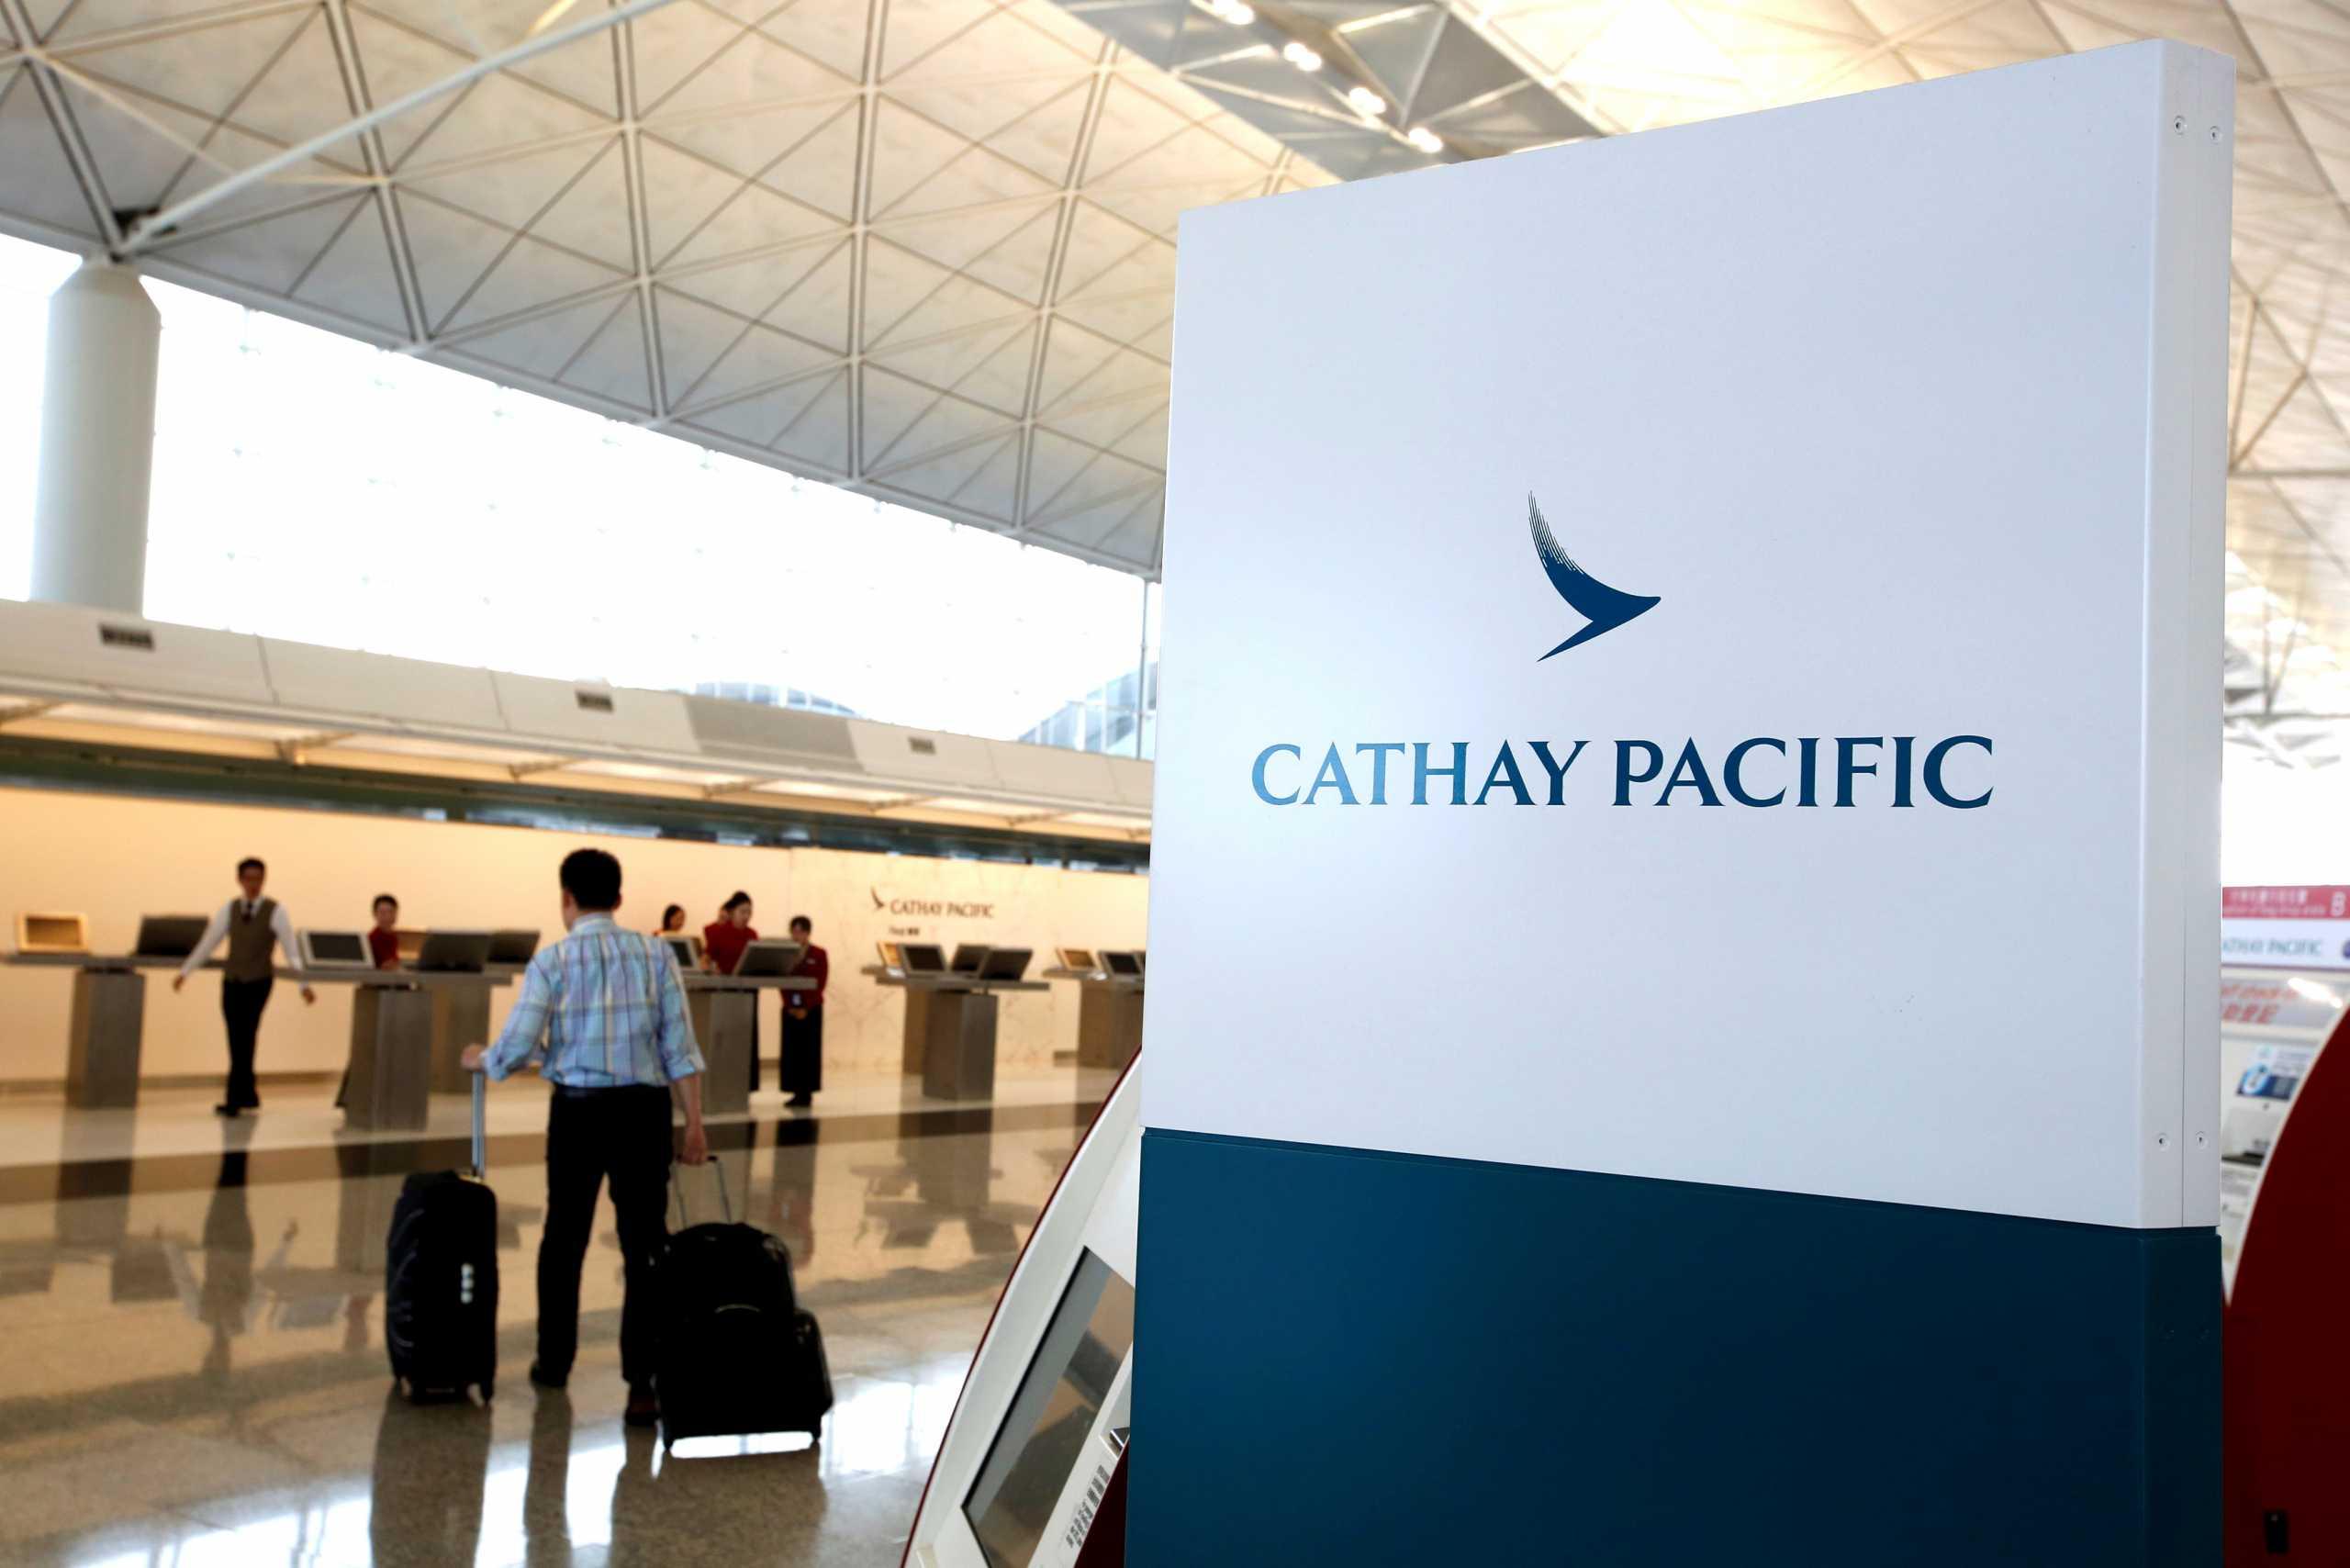 Συναγερμός στο Χονγκ Κονγκ: Θετικοί στον κορονοϊό τουλάχιστον 49 επιβάτες πτήσης από το Νέο Δελχί